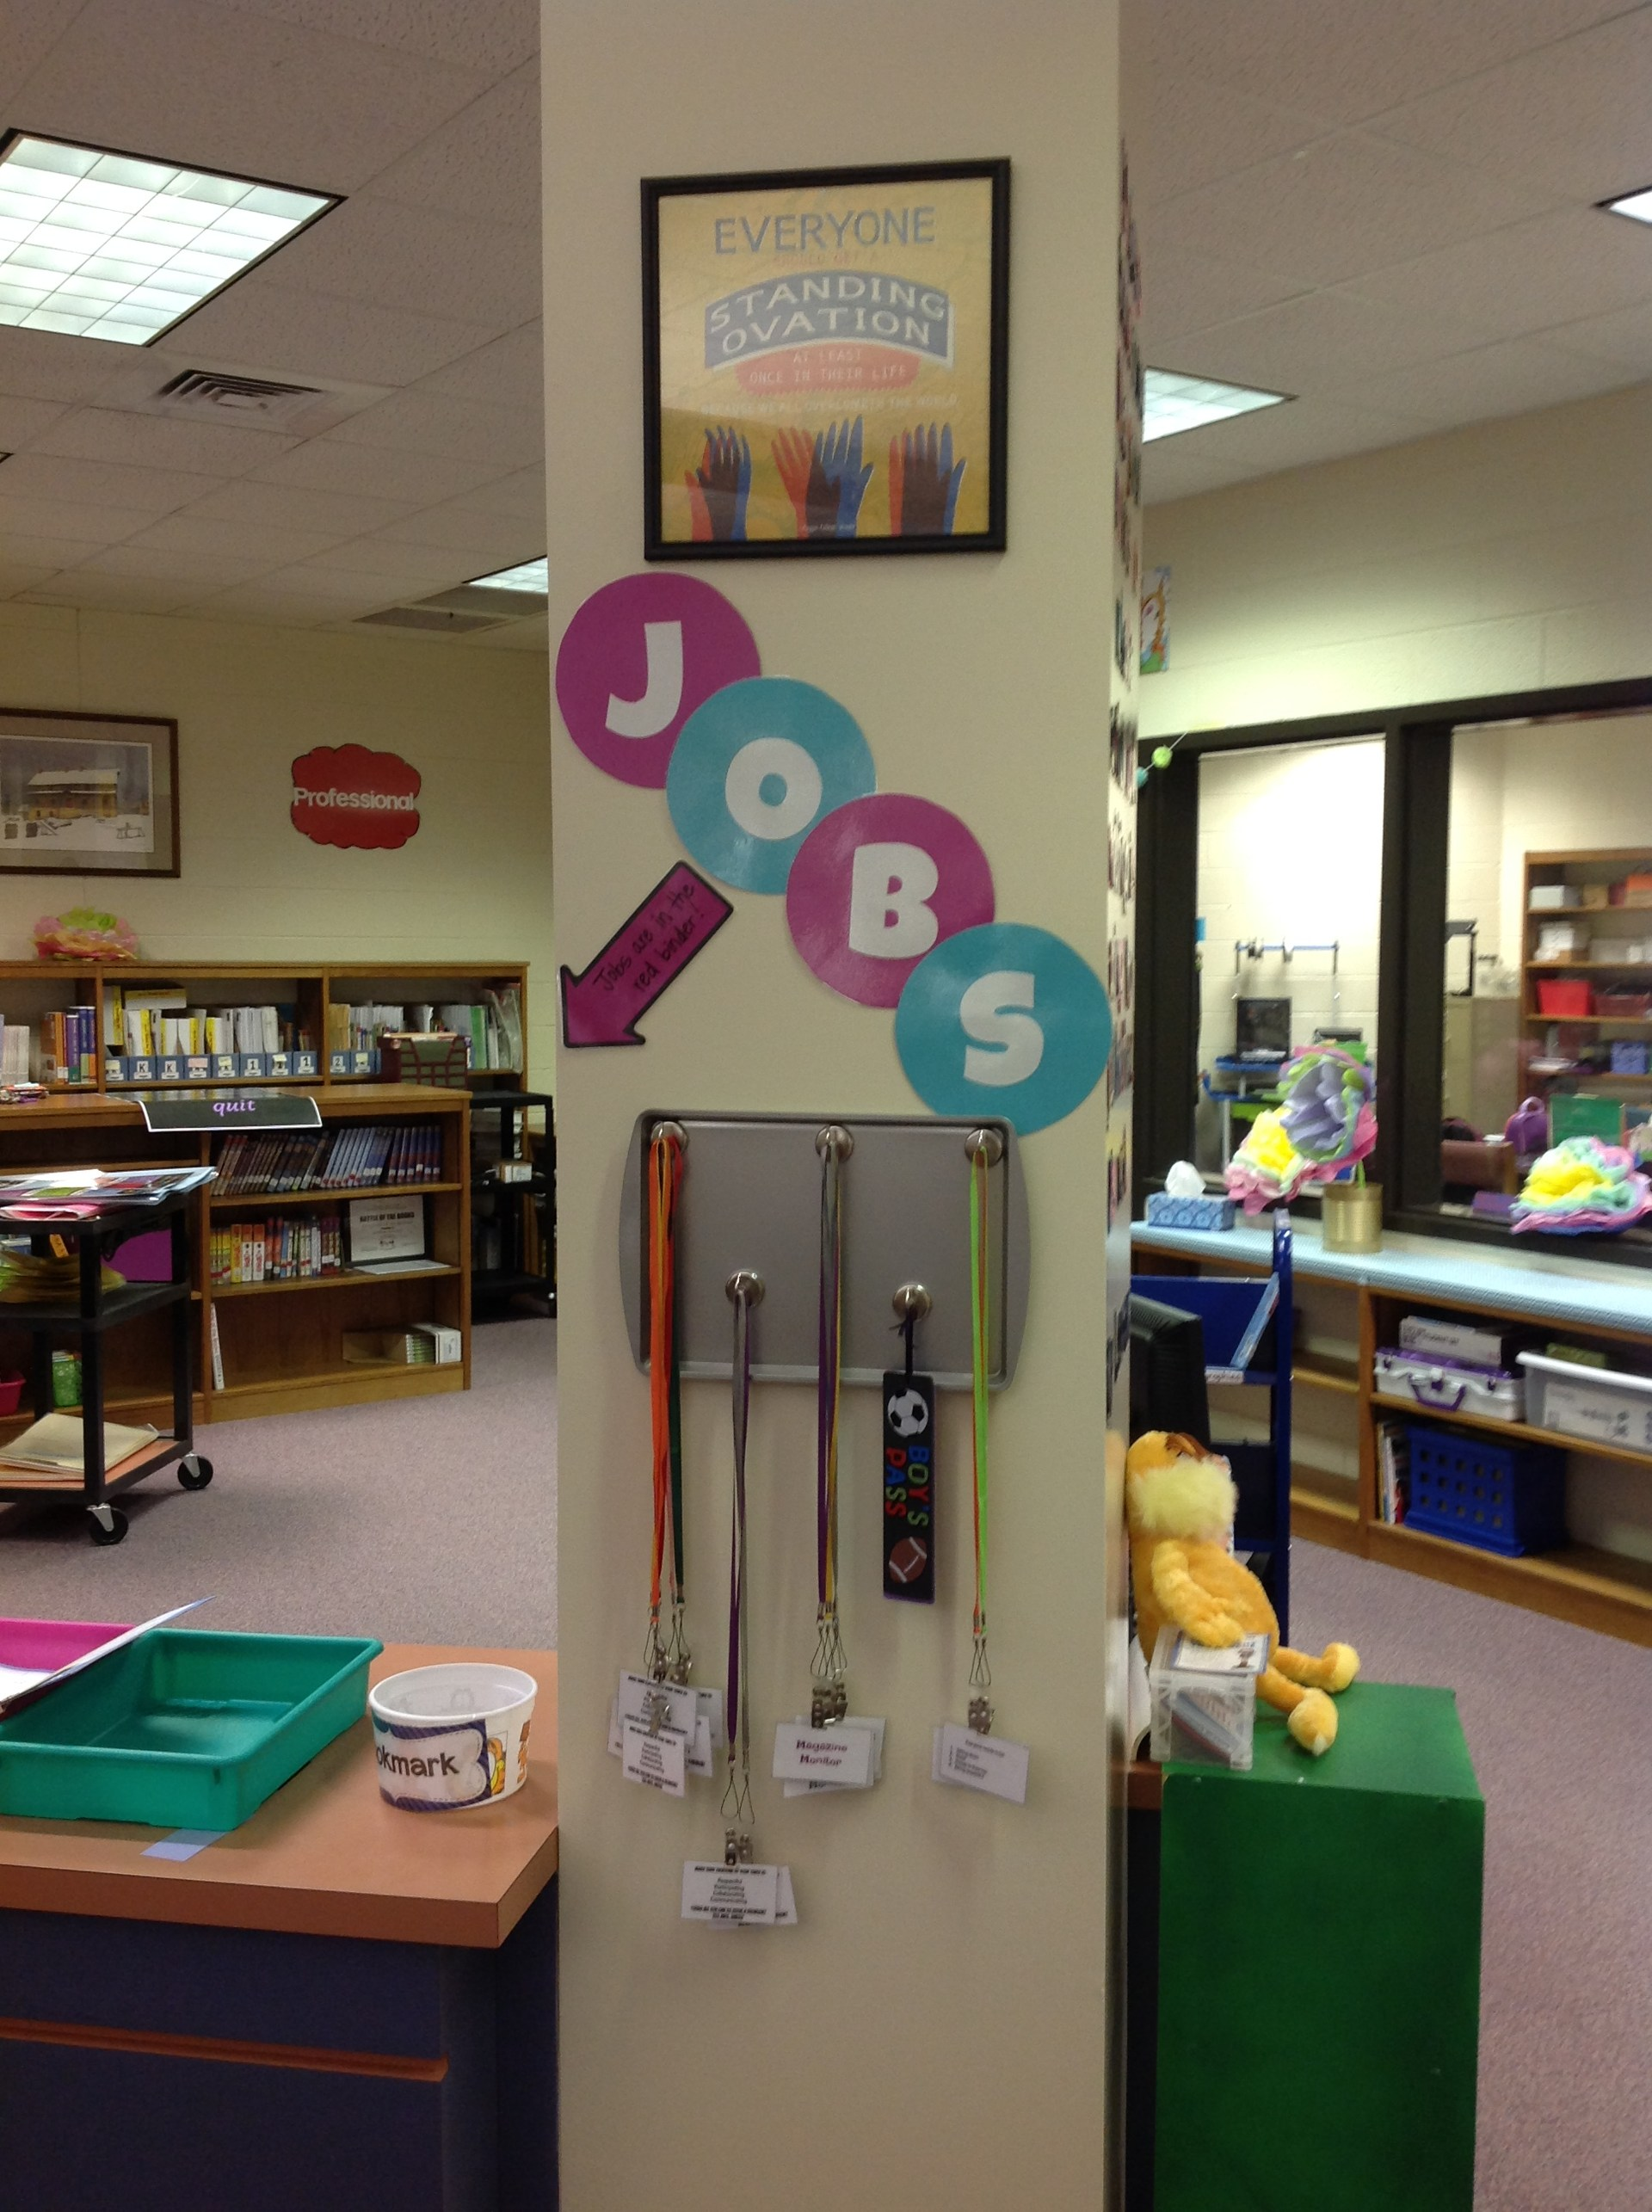 Jobs Board!